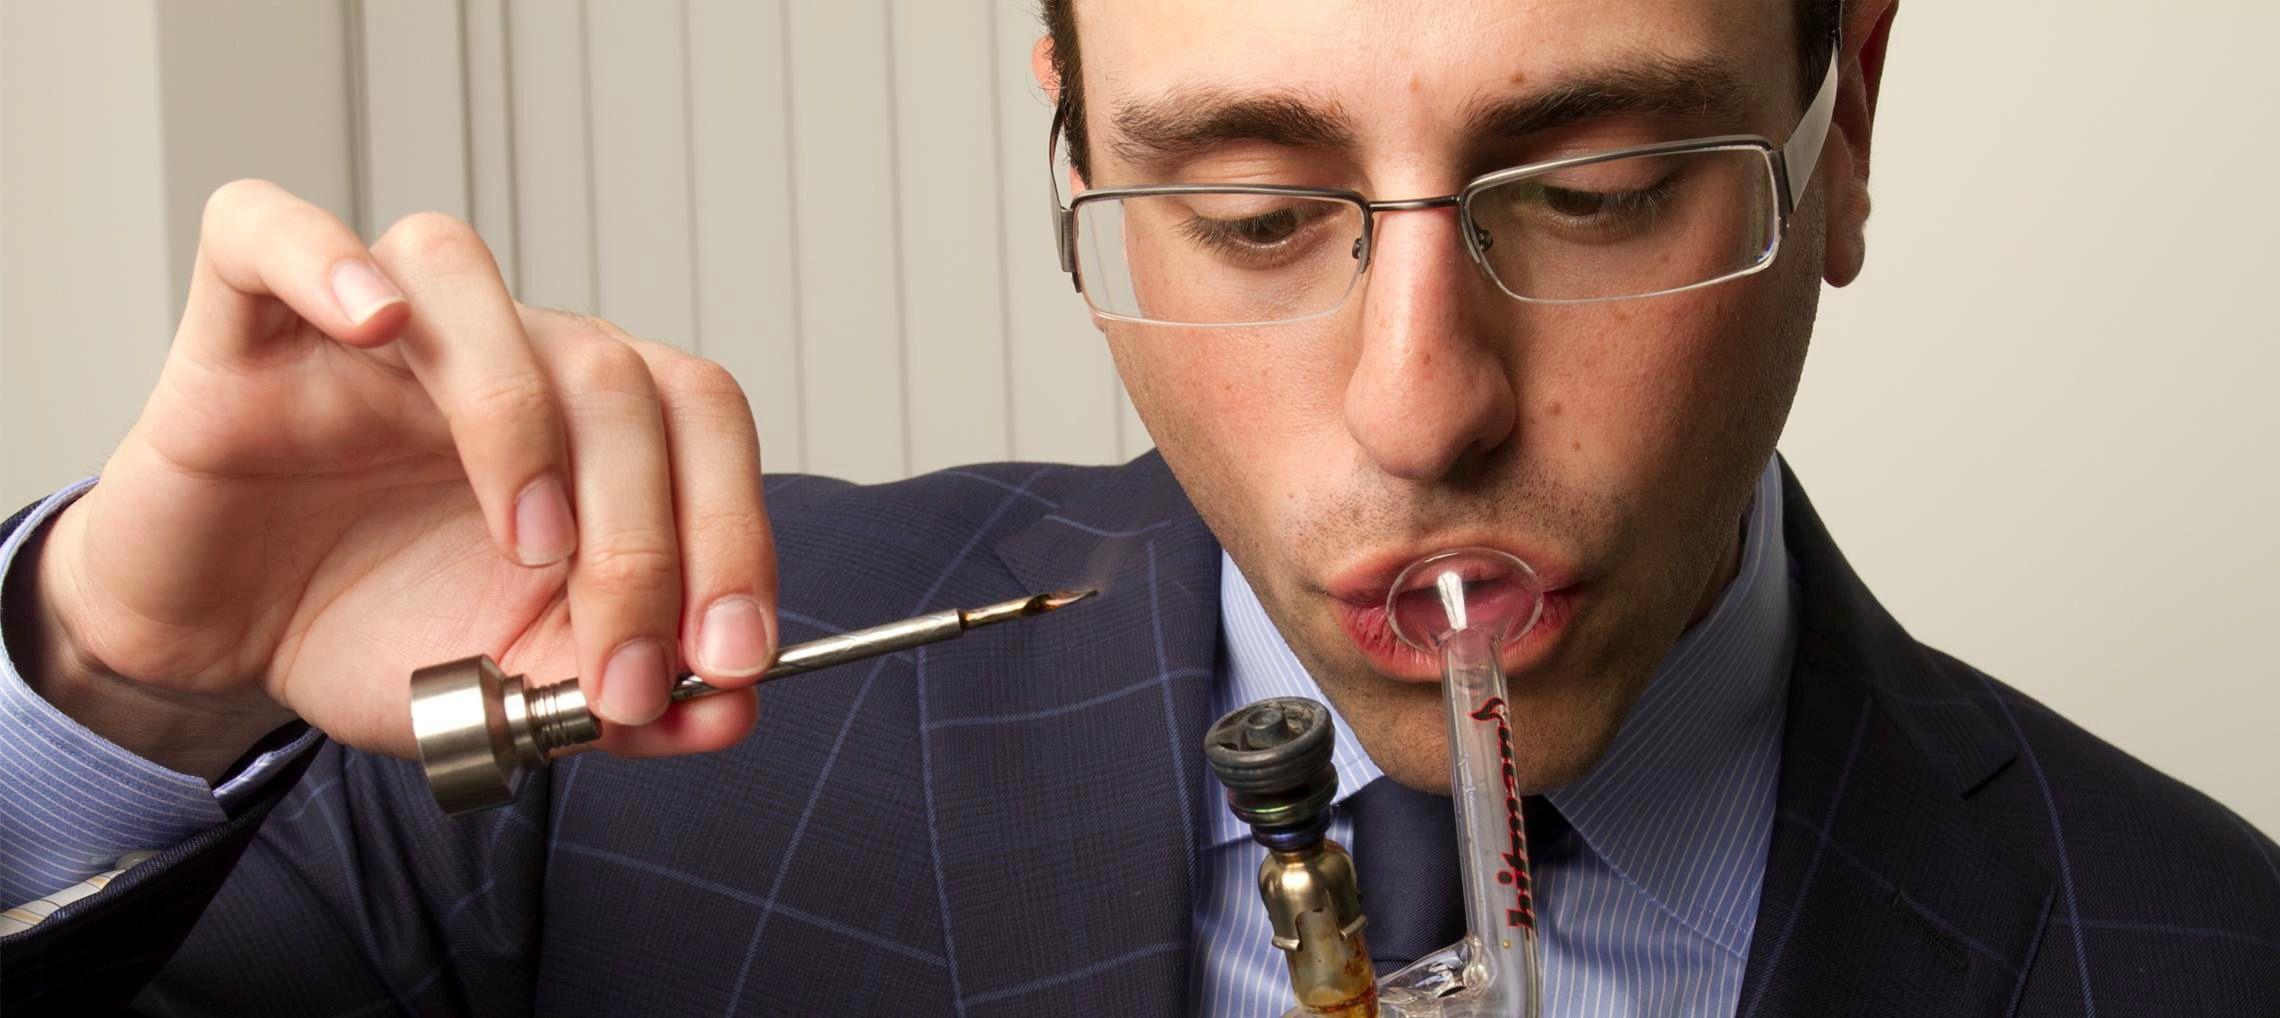 College hookup gay republicans politicians who smoke marijuana